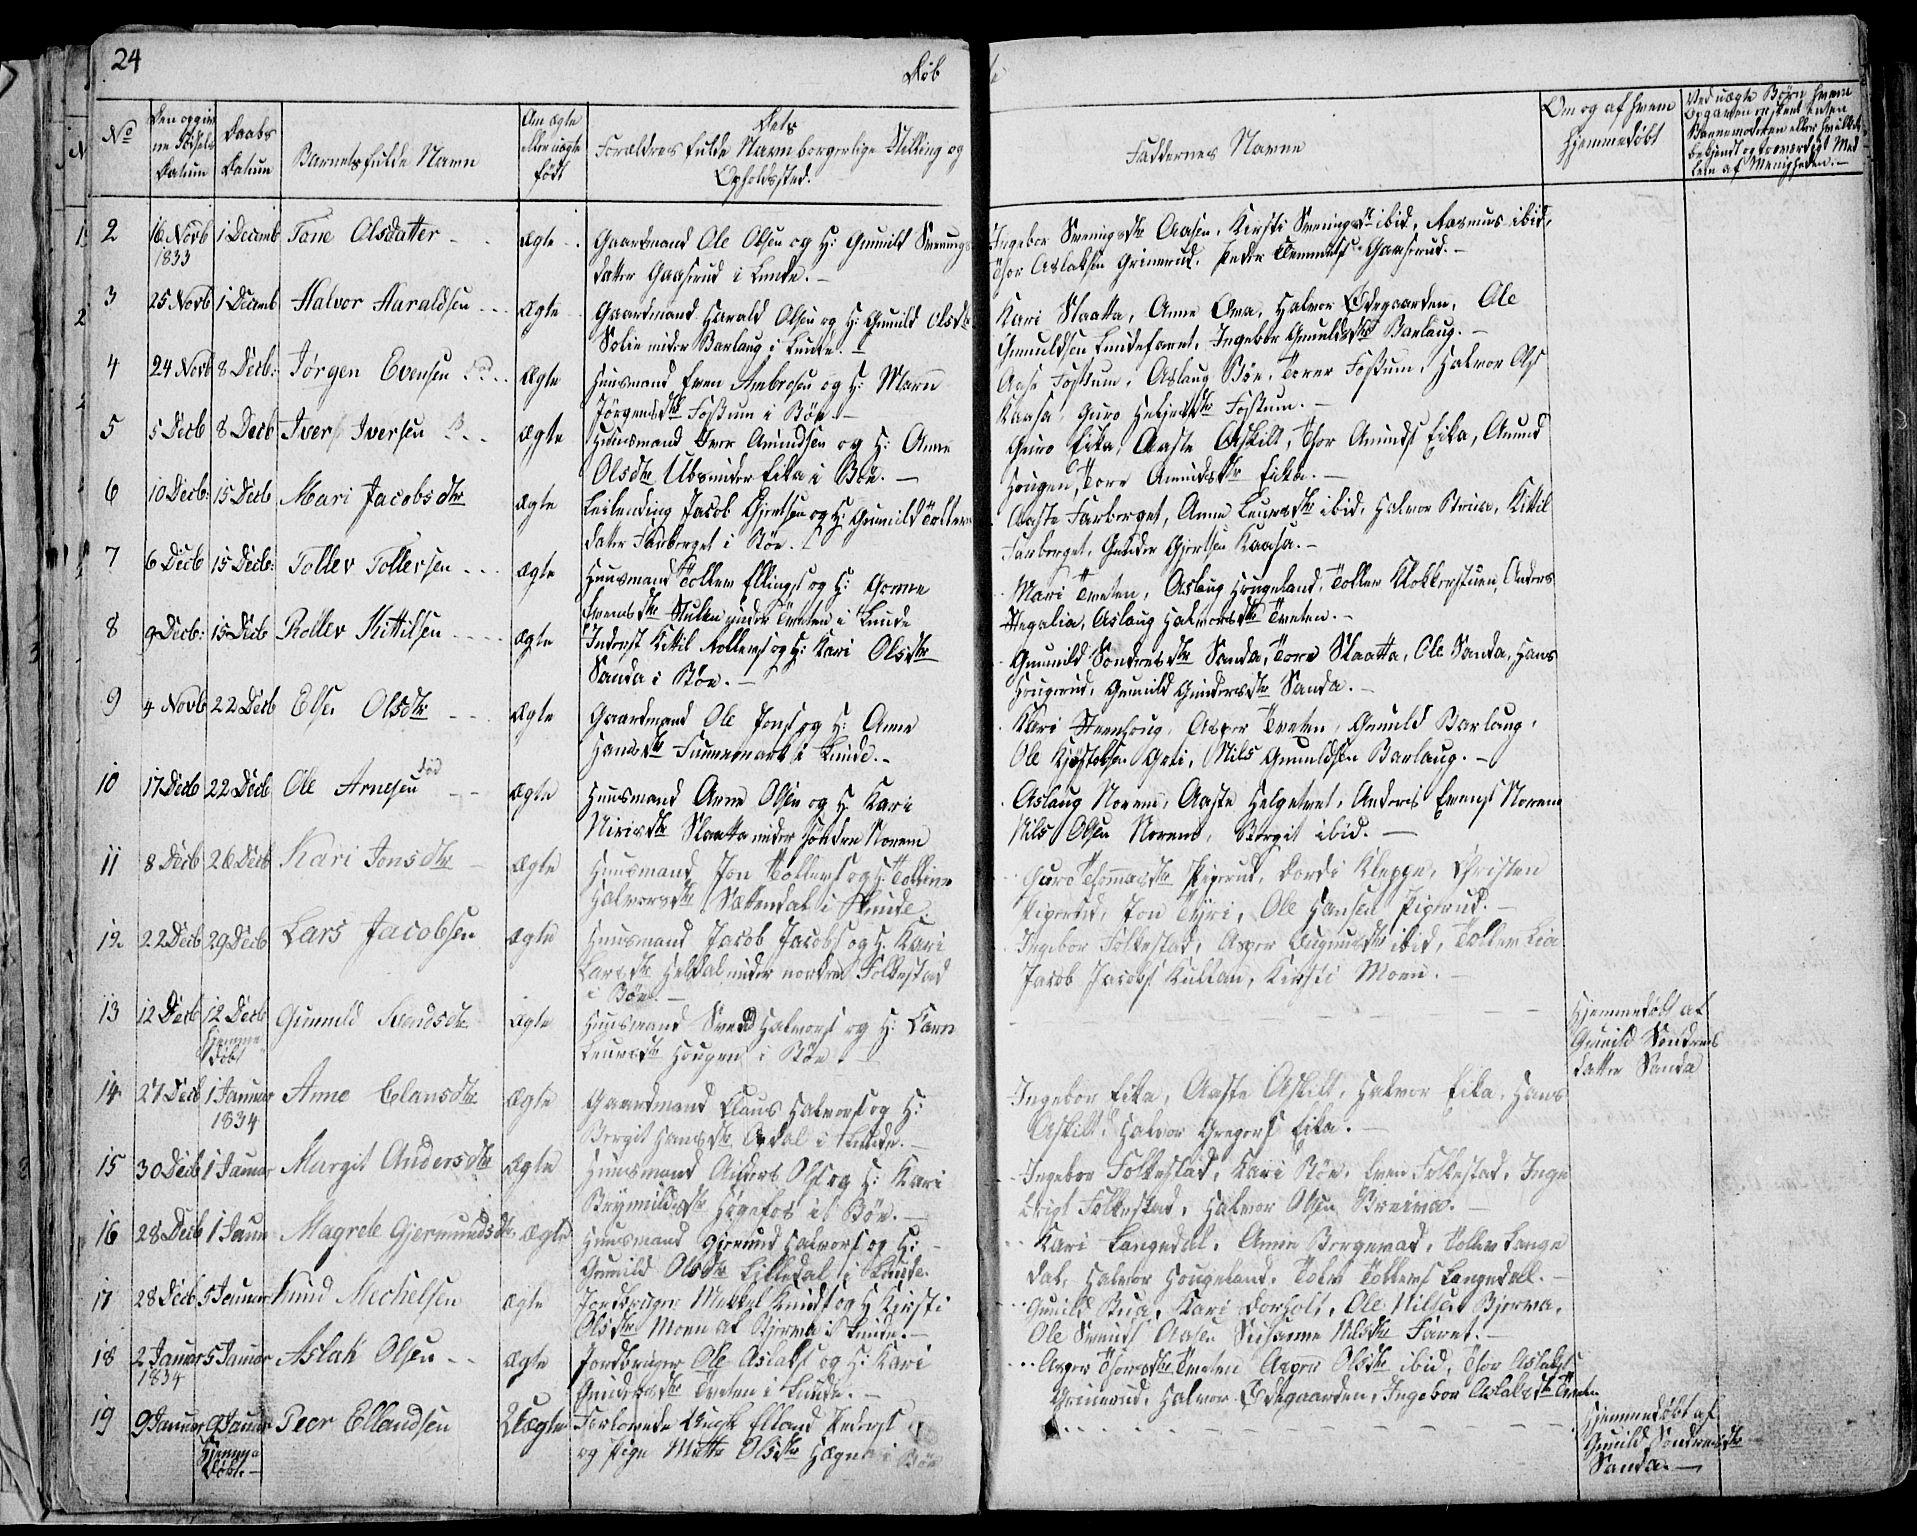 SAKO, Bø kirkebøker, F/Fa/L0007: Ministerialbok nr. 7, 1831-1848, s. 24